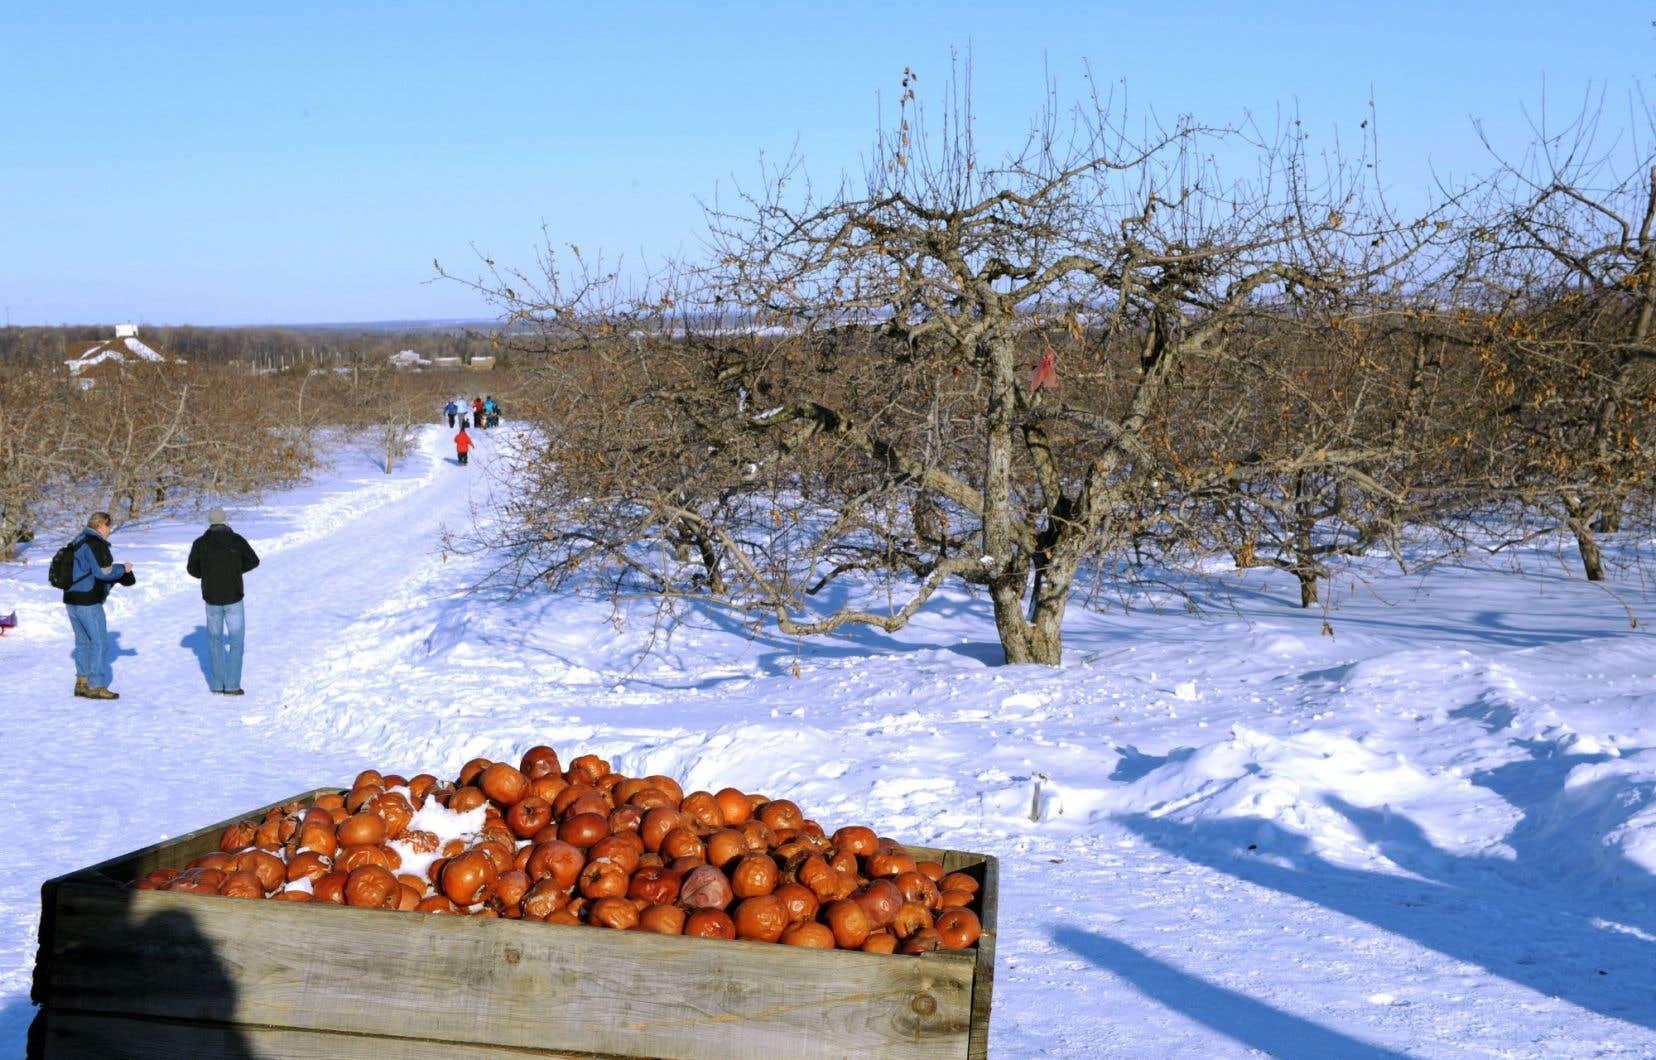 Le domaine Lafrance, dans les Basses-Laurentides, accueille le public pour la cueillette des pommes gelées depuis une dizaine d'années.